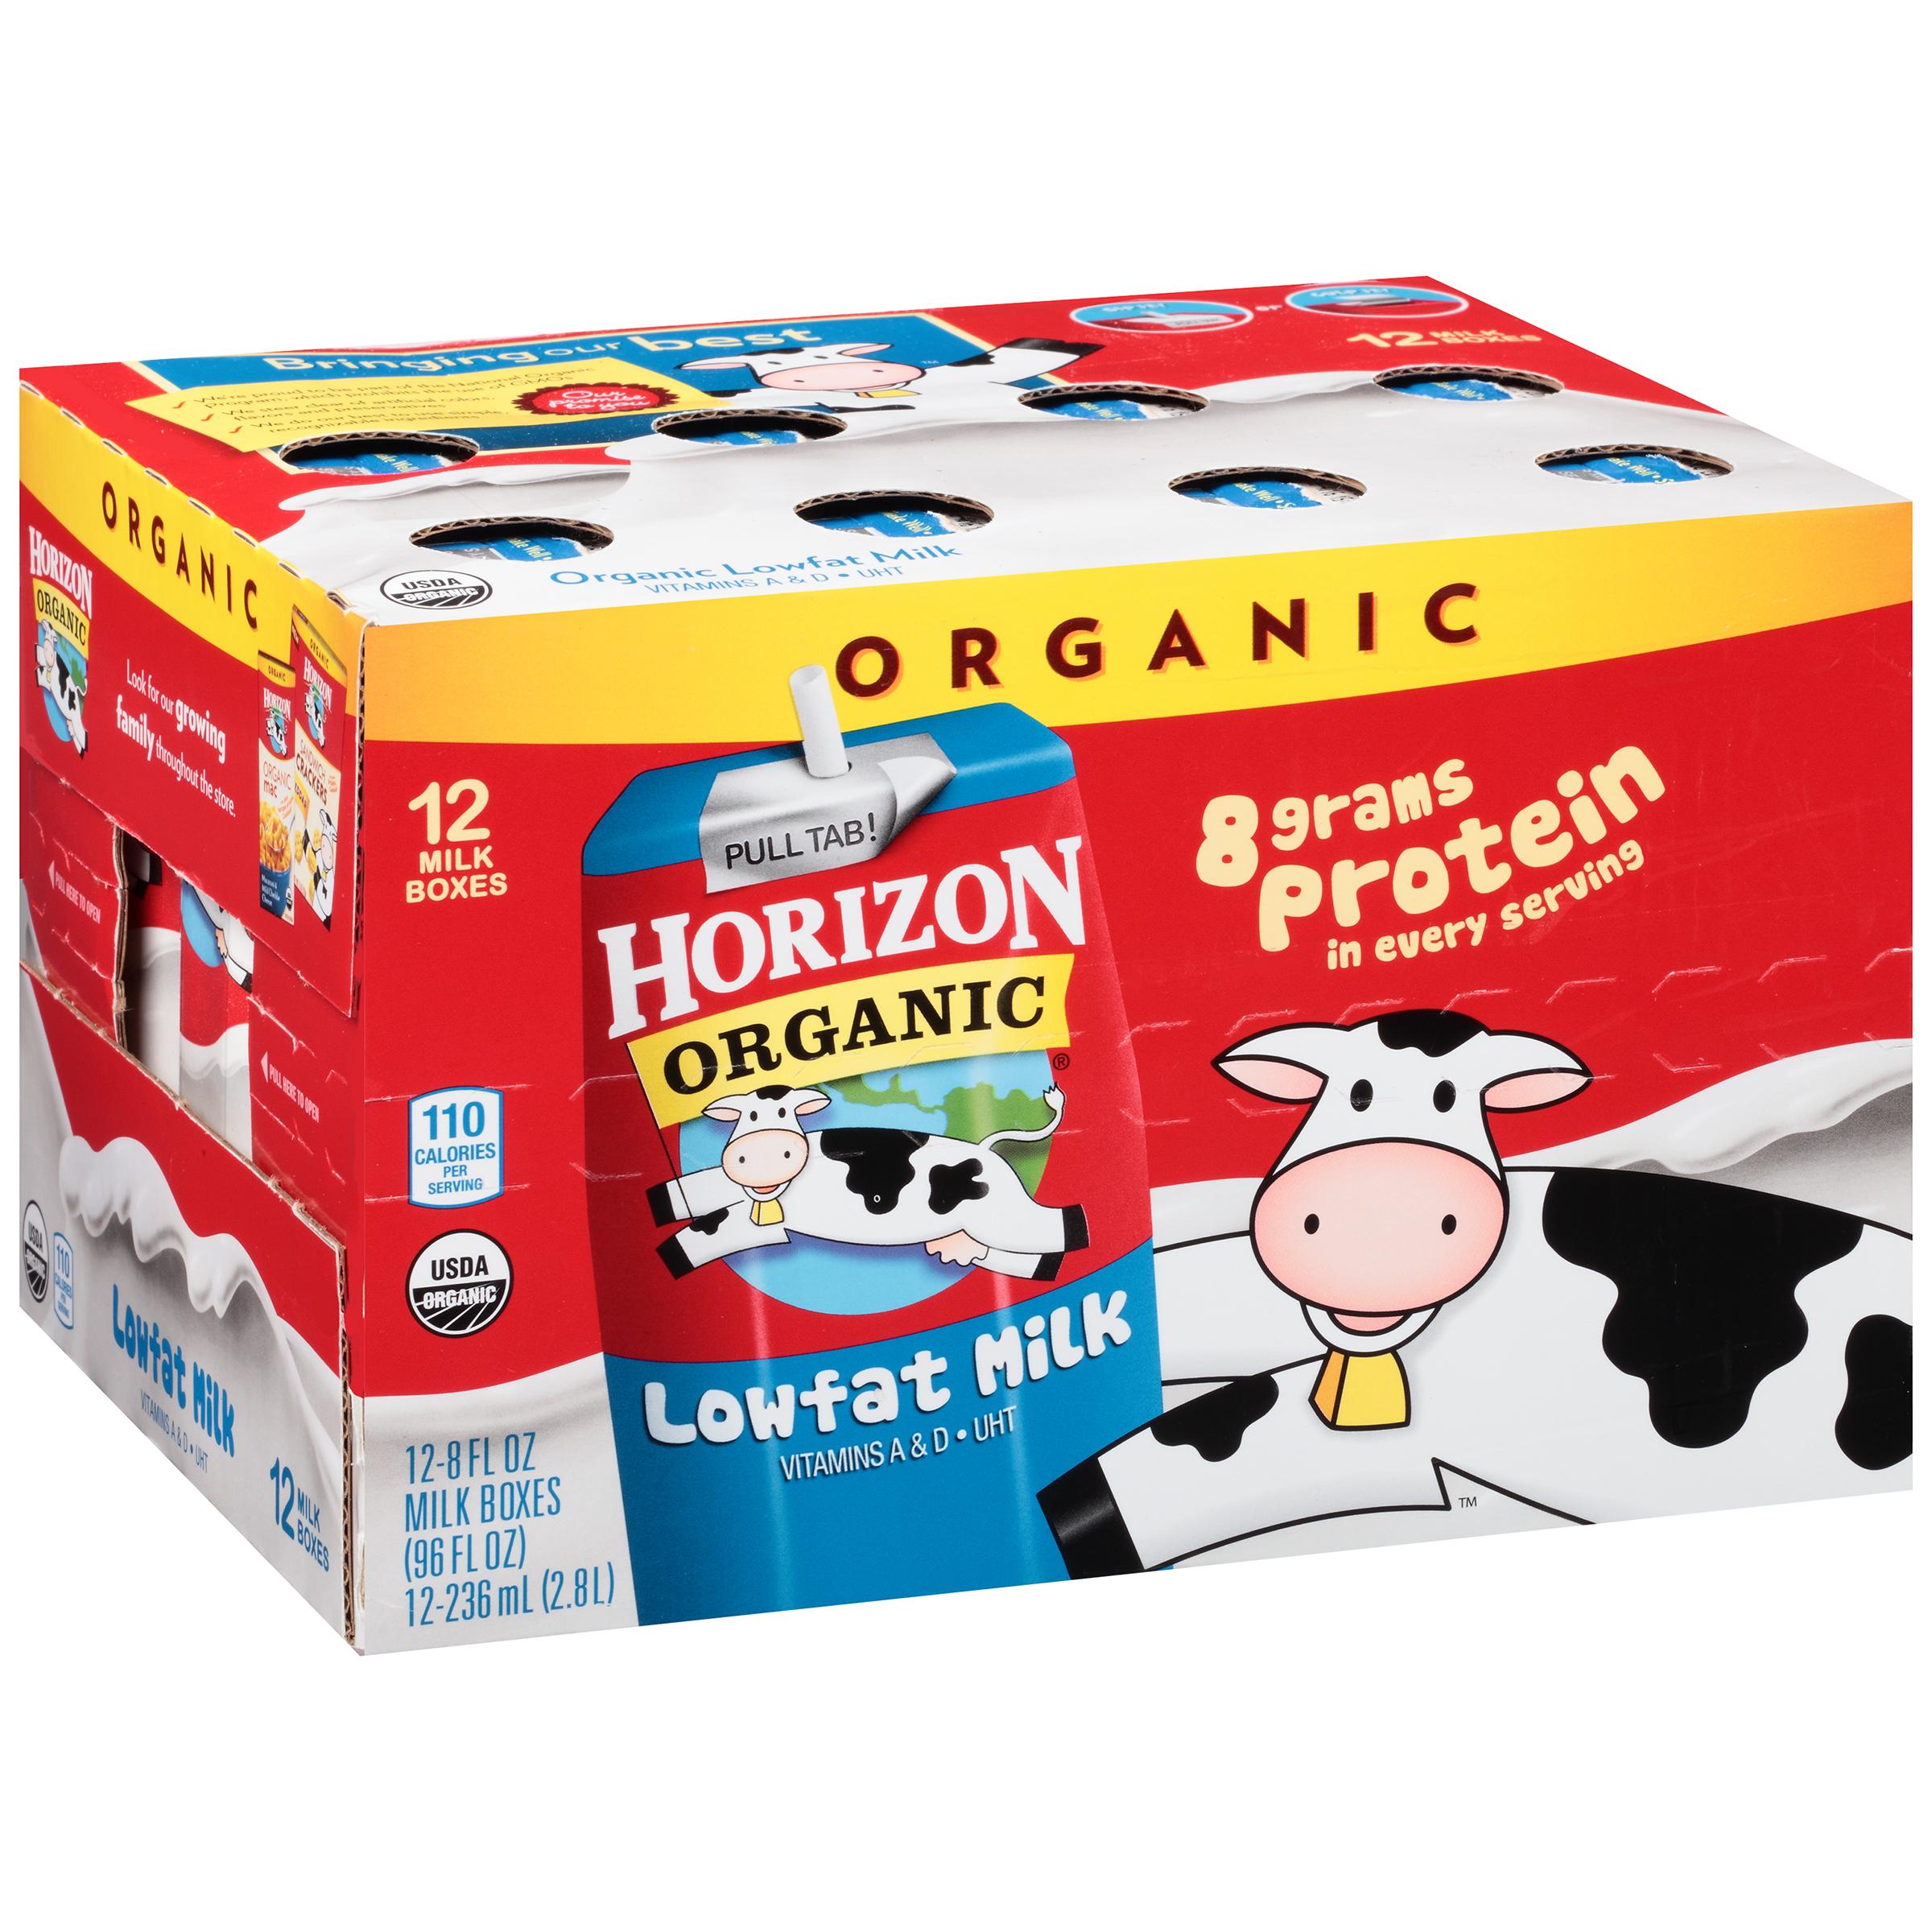 Horizon Organic Lowfat Milk, 8 fl oz, 12 Ct